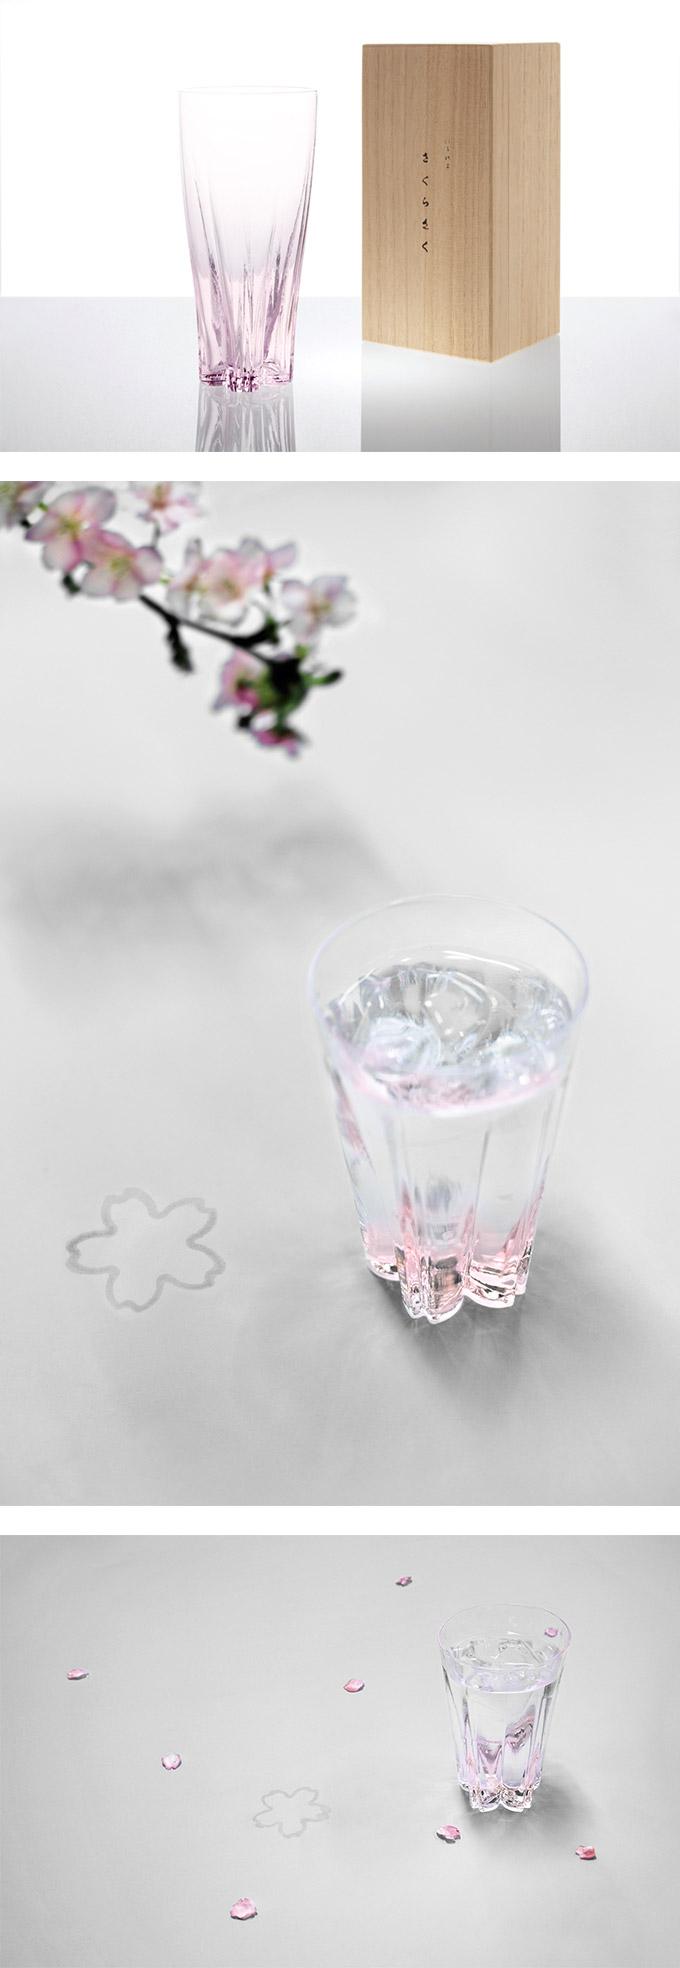 日本 Perrocaliente SAKURASAKU 櫻花杯 雙入同款不同色 比爾森式啤酒杯 透明&櫻花粉